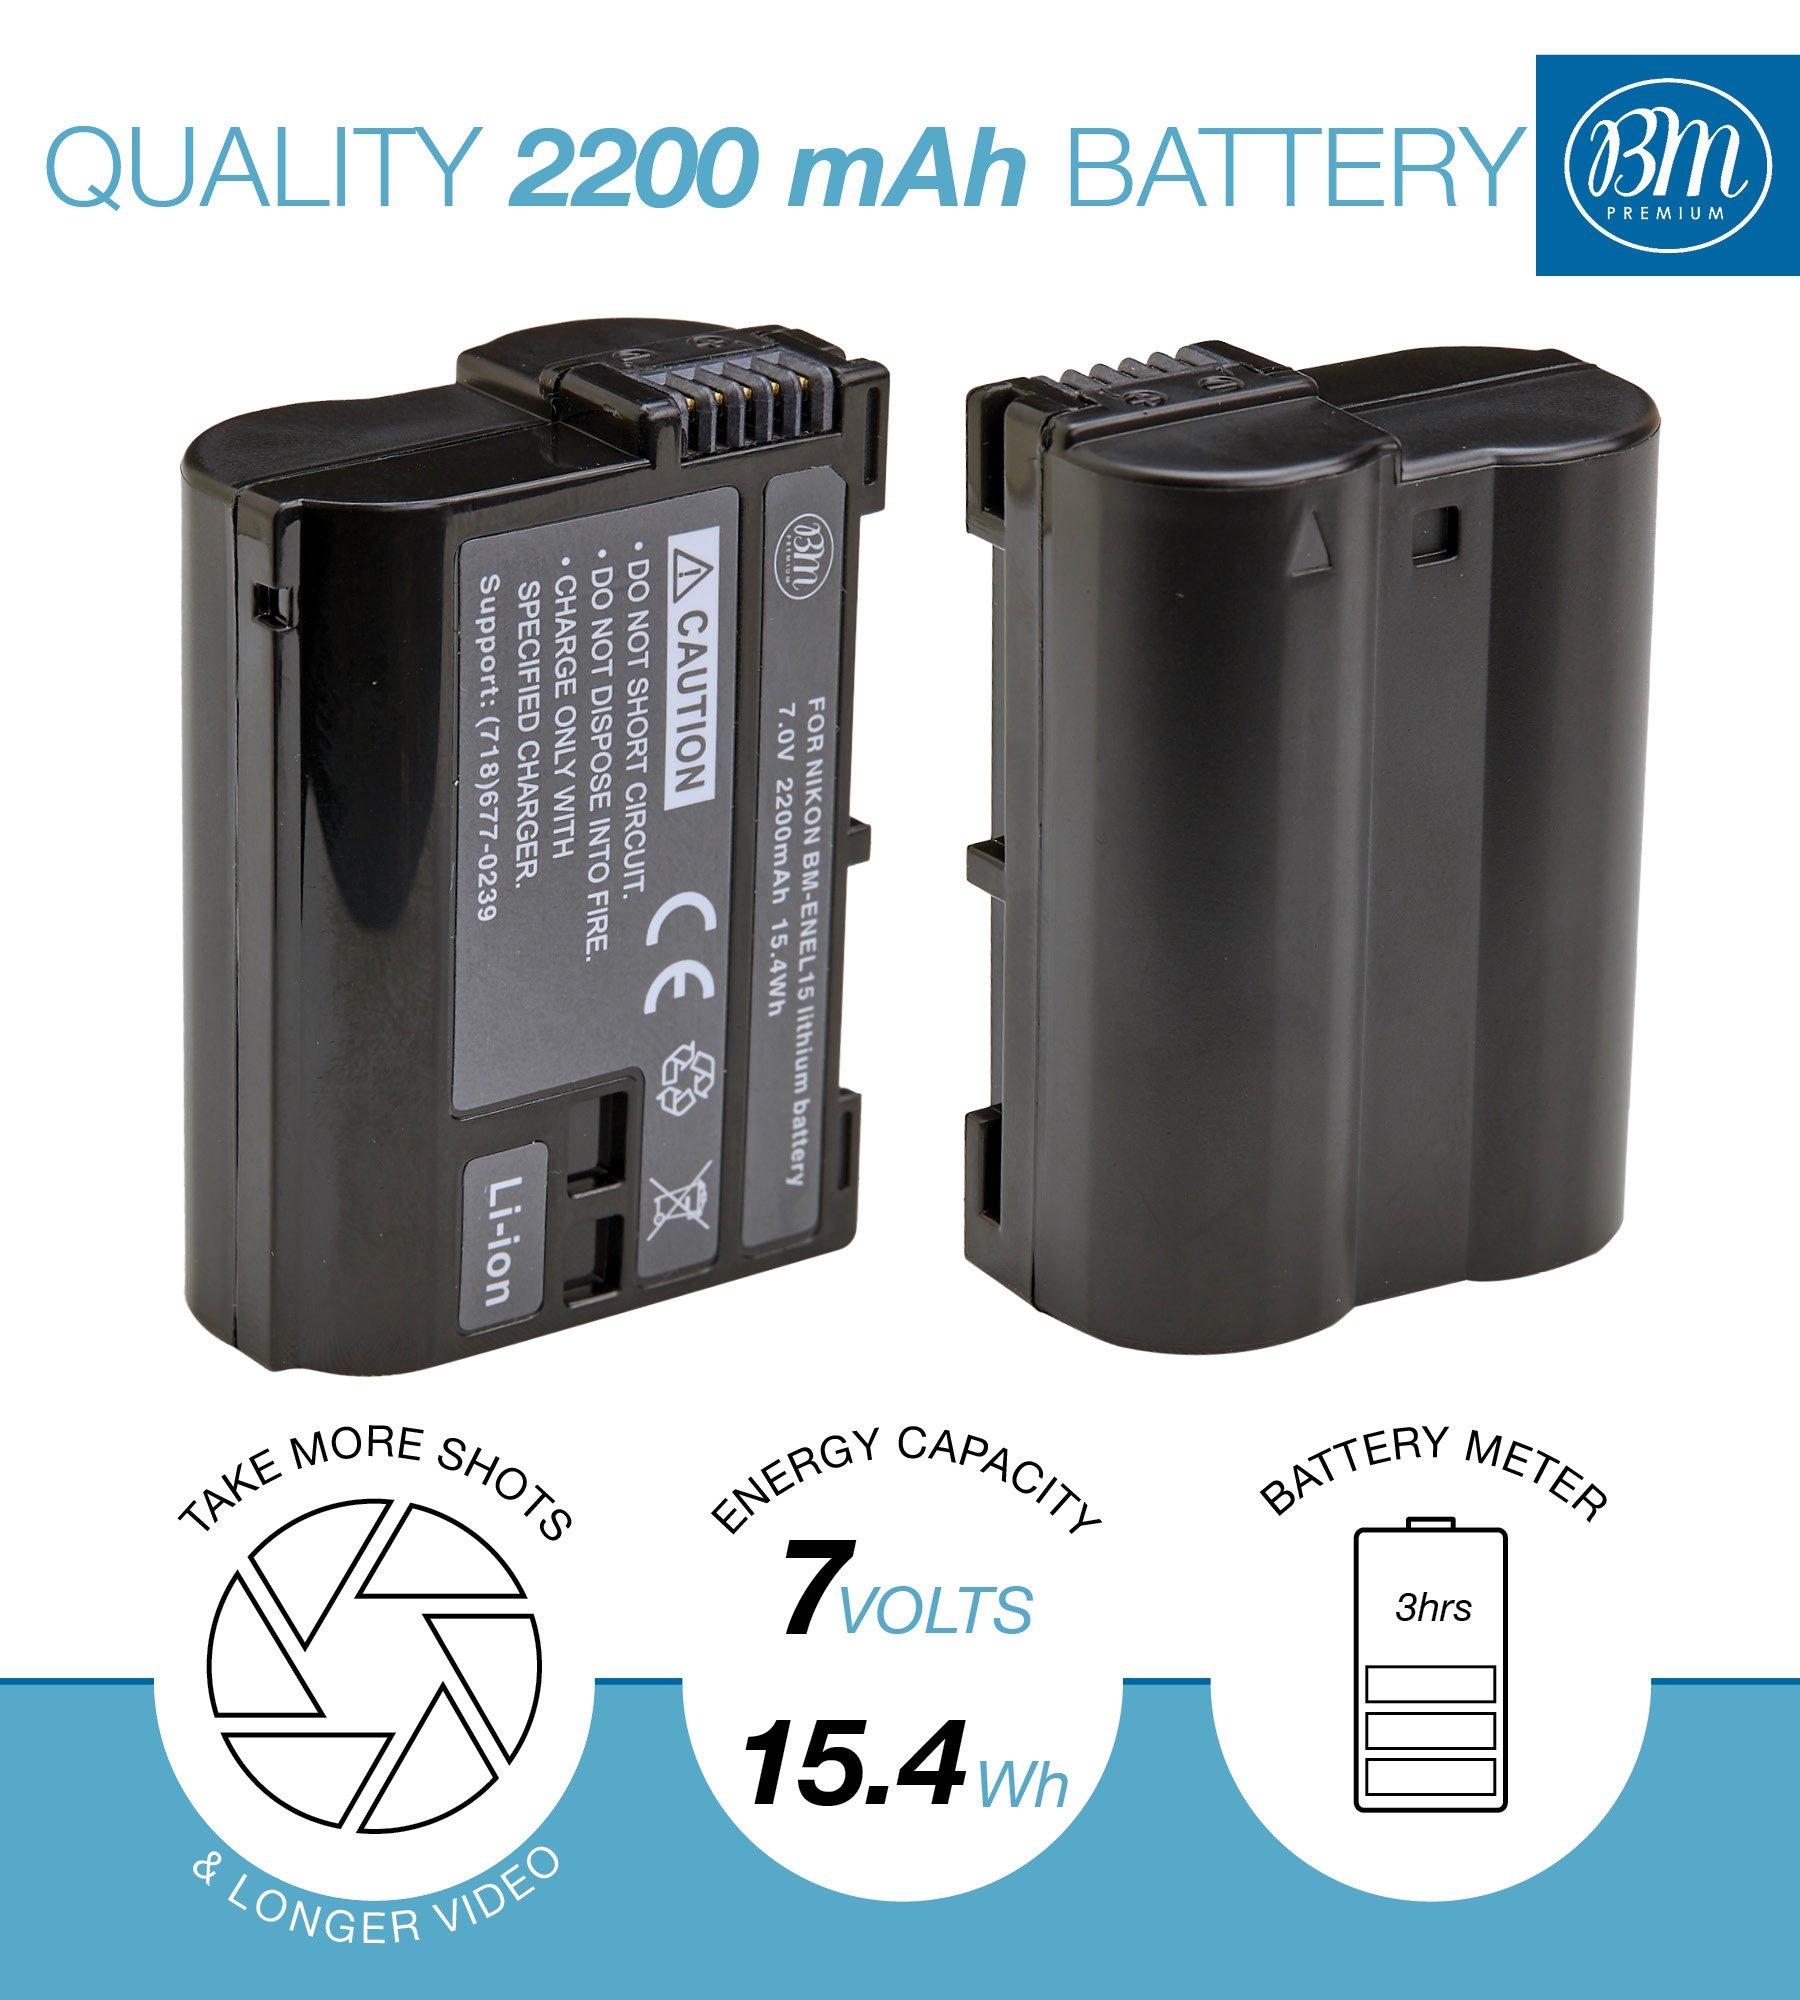 BM Premium EN-EL15 Battery for Nikon D850, D7500, 1 V1, D500, D600, D610, D750, D800, D800E, D810, D810A, D7000, D7100, D7200 Digital SLR Camera by BM Premium (Image #3)